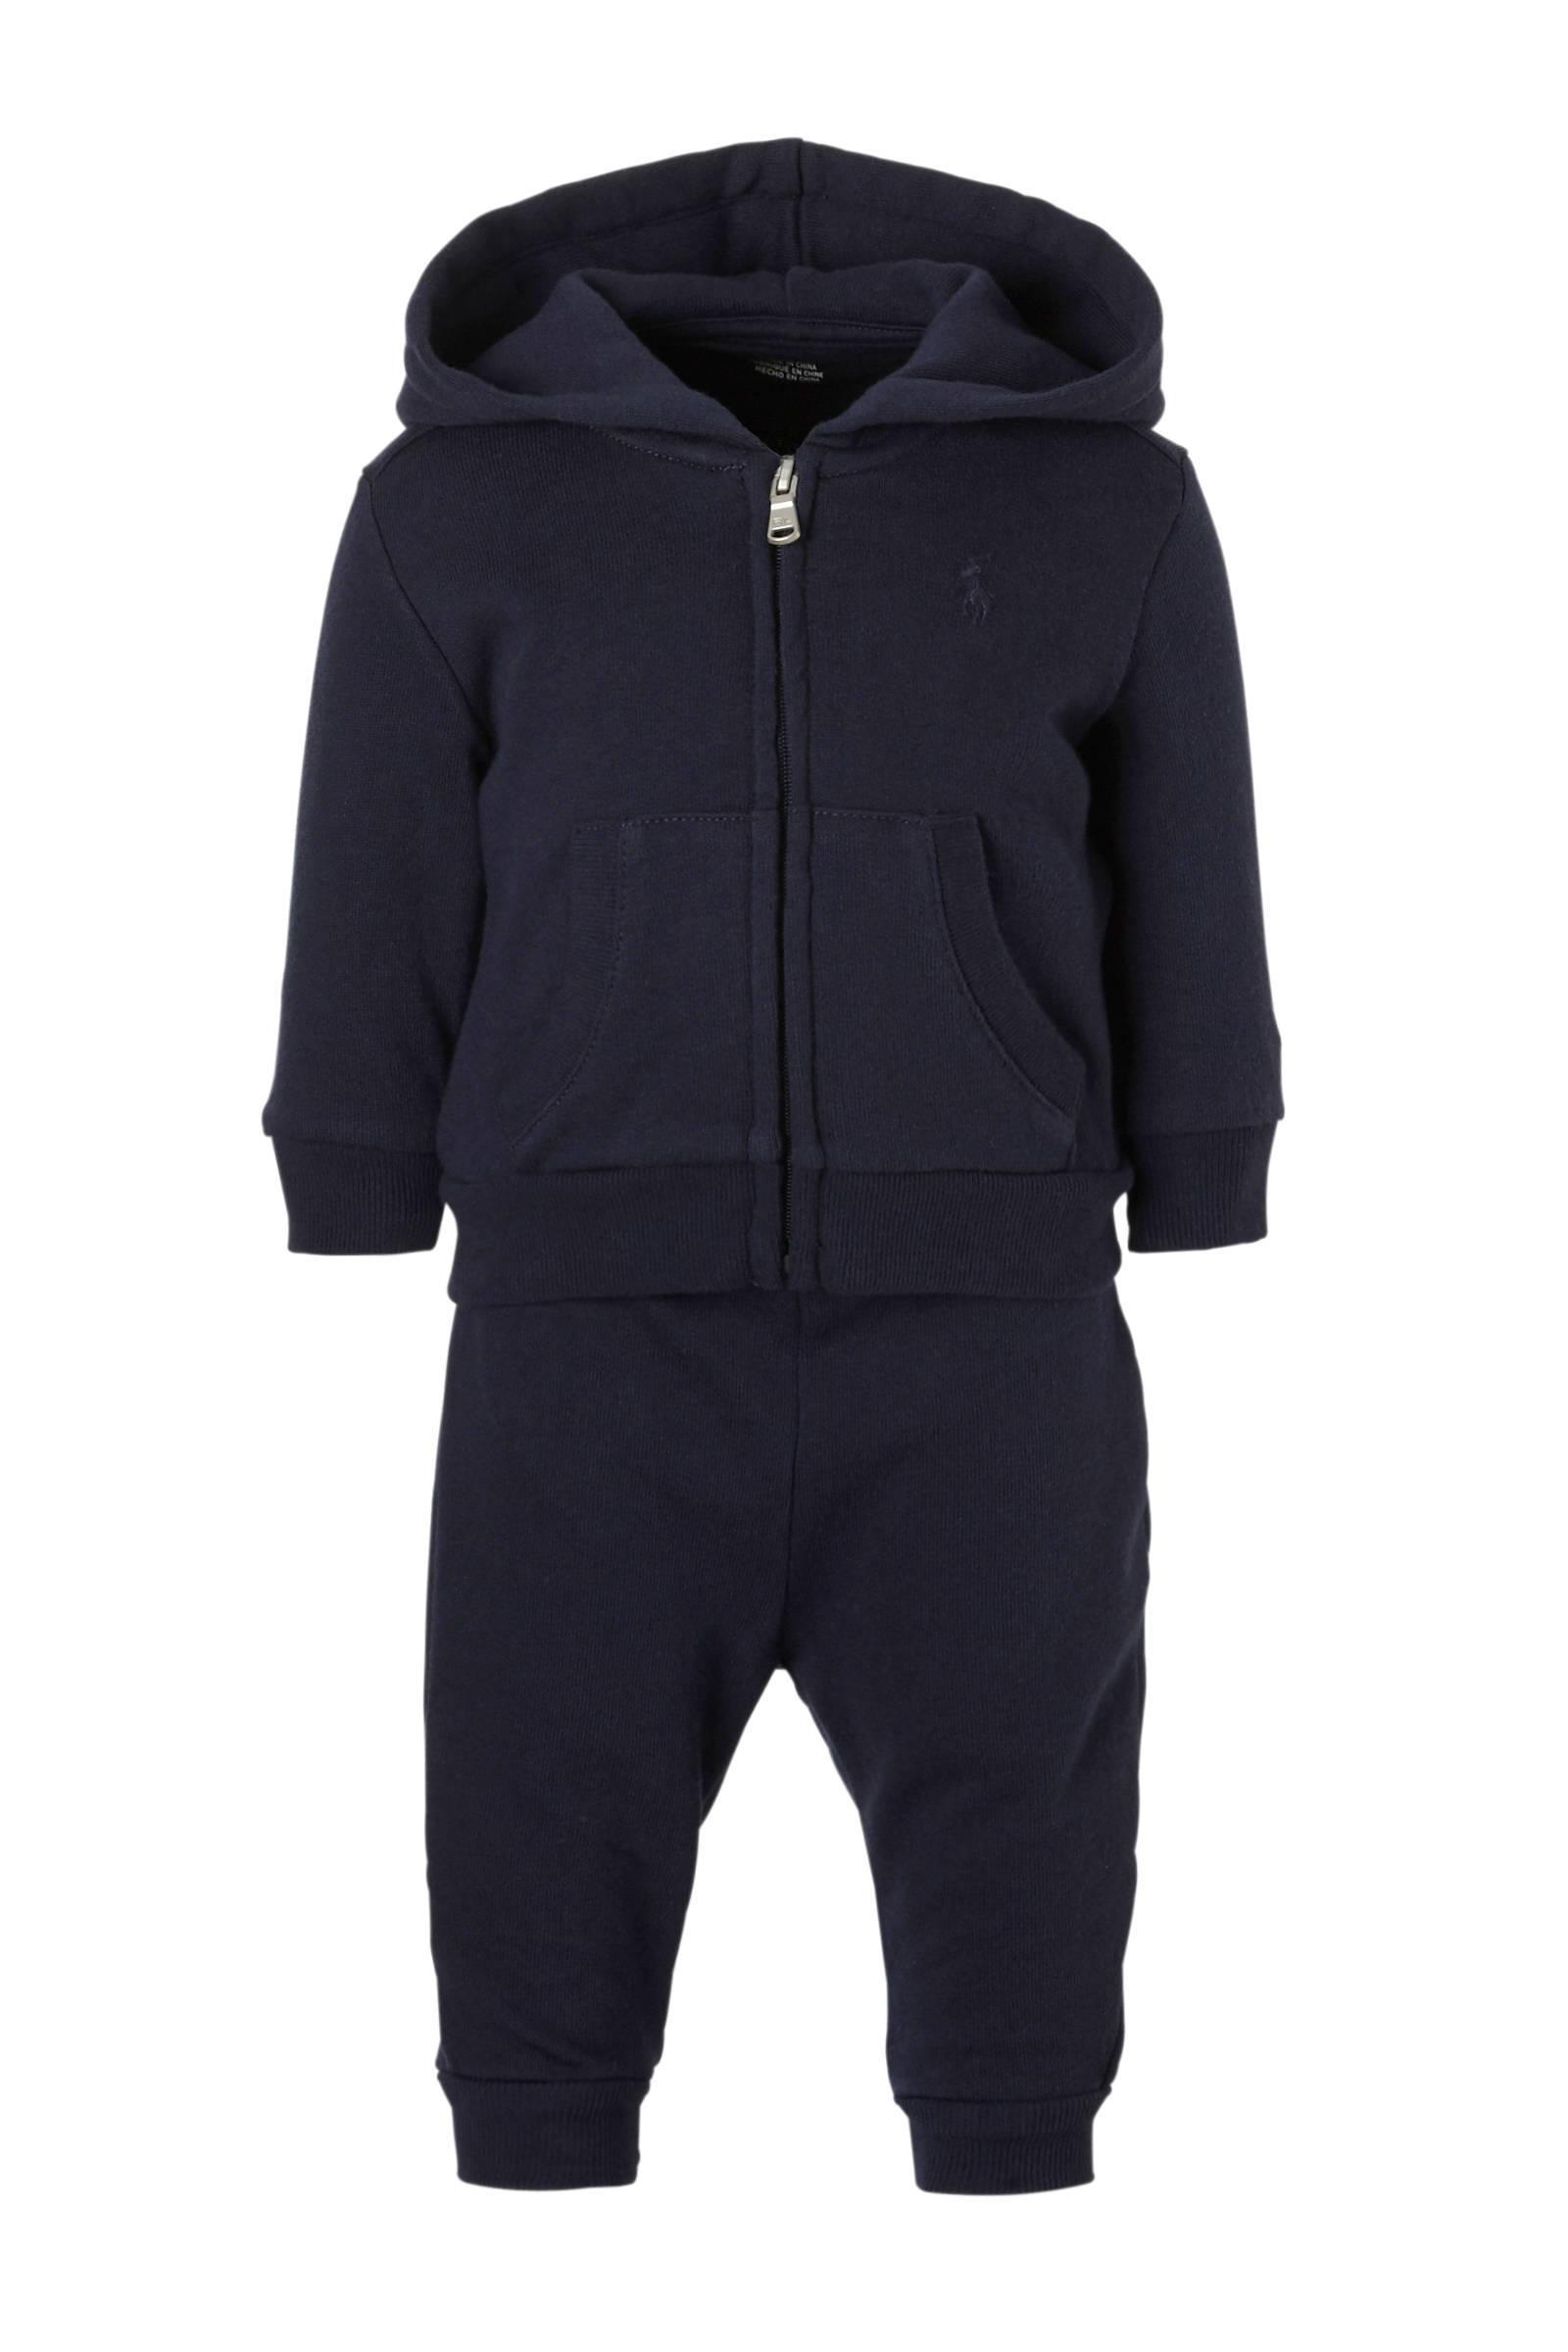 POLO Ralph Lauren baby sweatvest + sweatpants blauw (jongens)